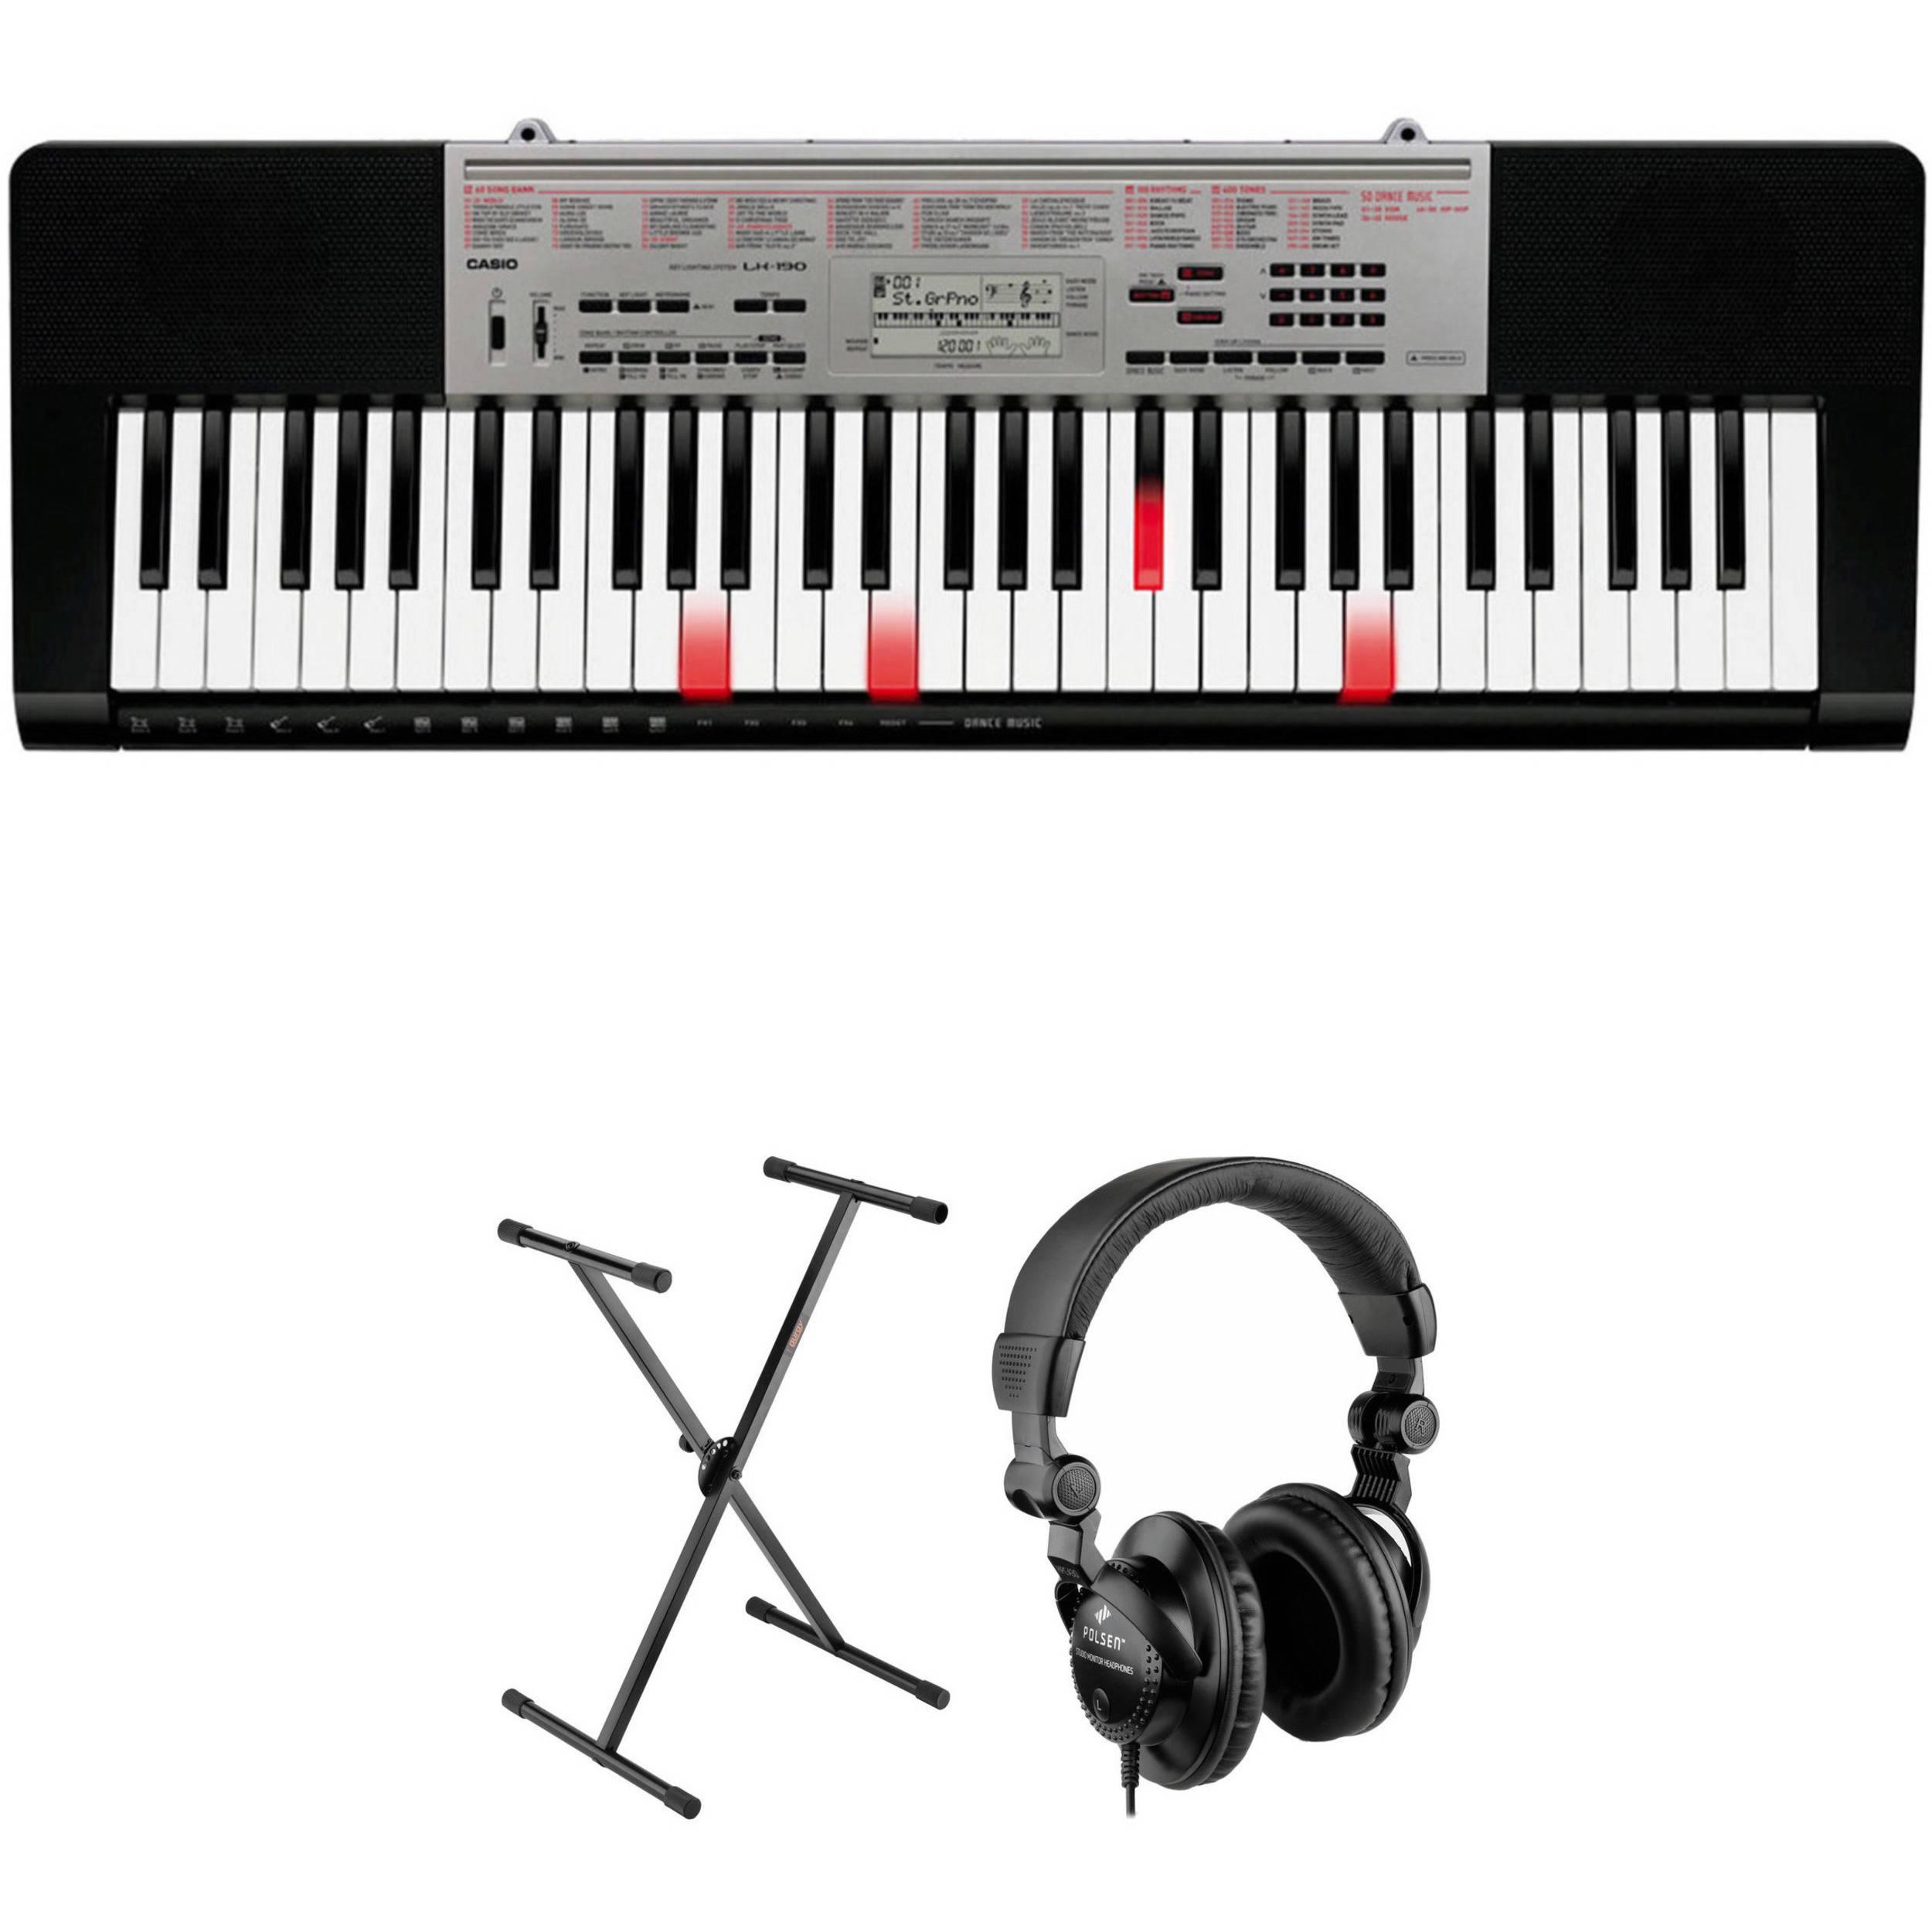 Đàn Organ Casio LK-190